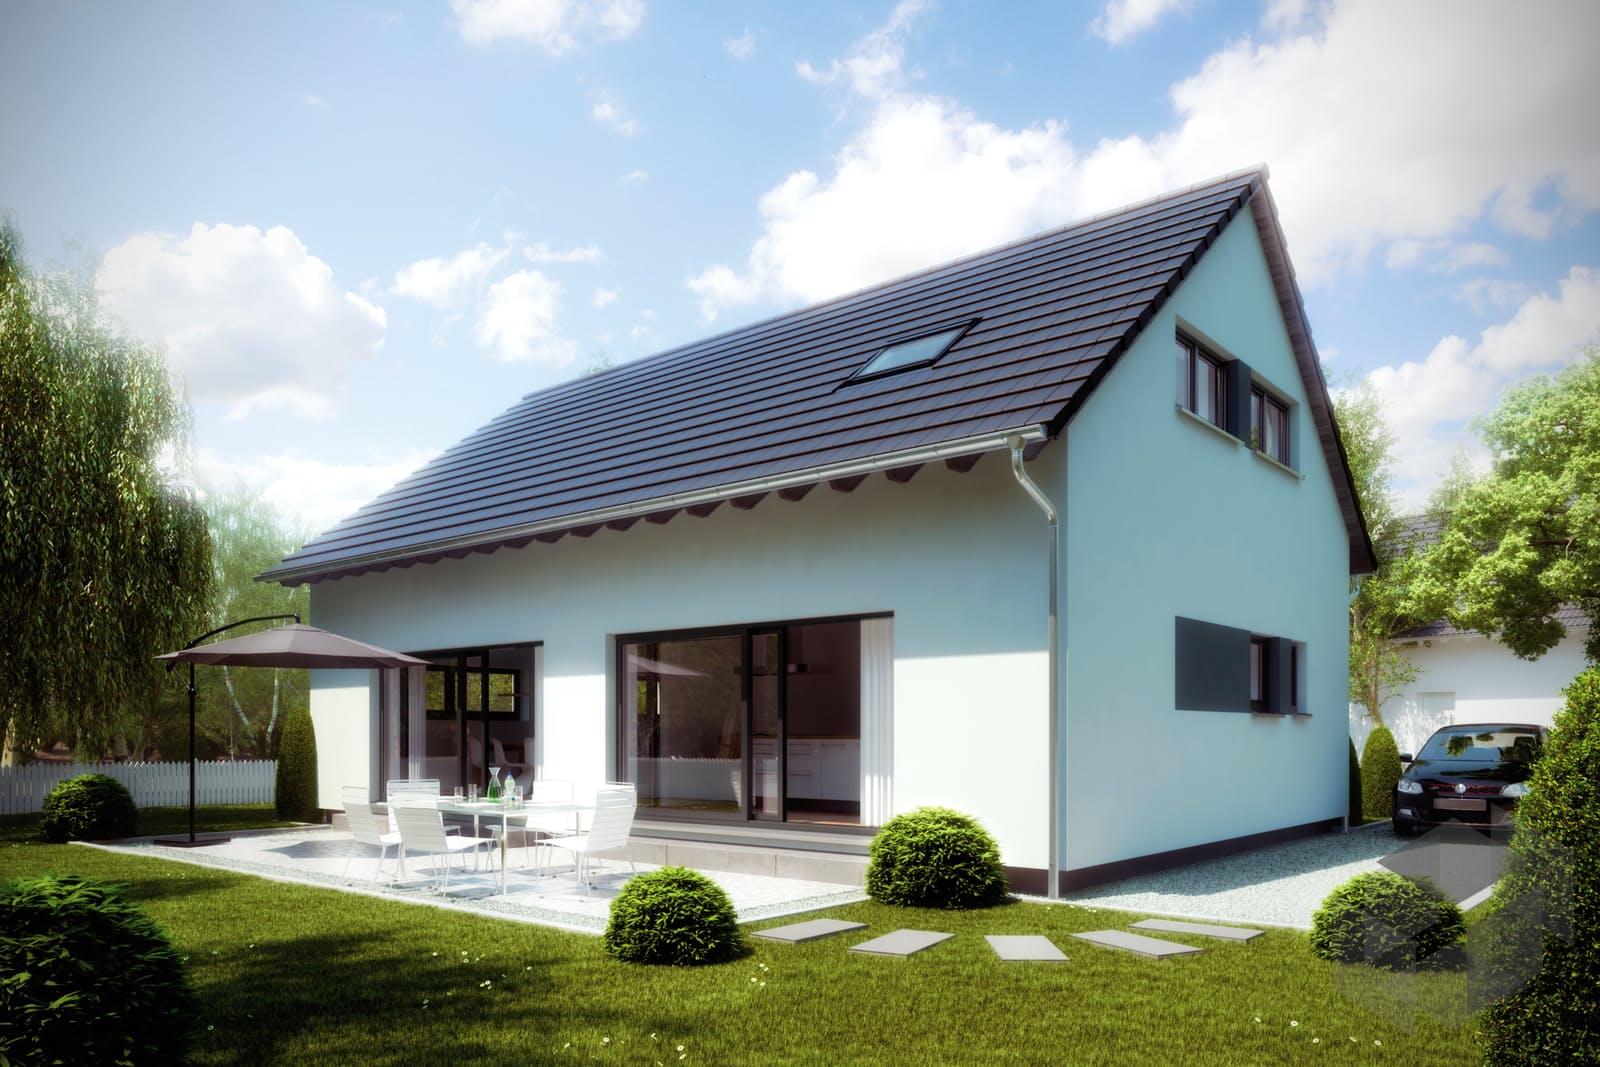 Massa Haus Ausbaustufen einfamilienhaus lifestyle 5 massa